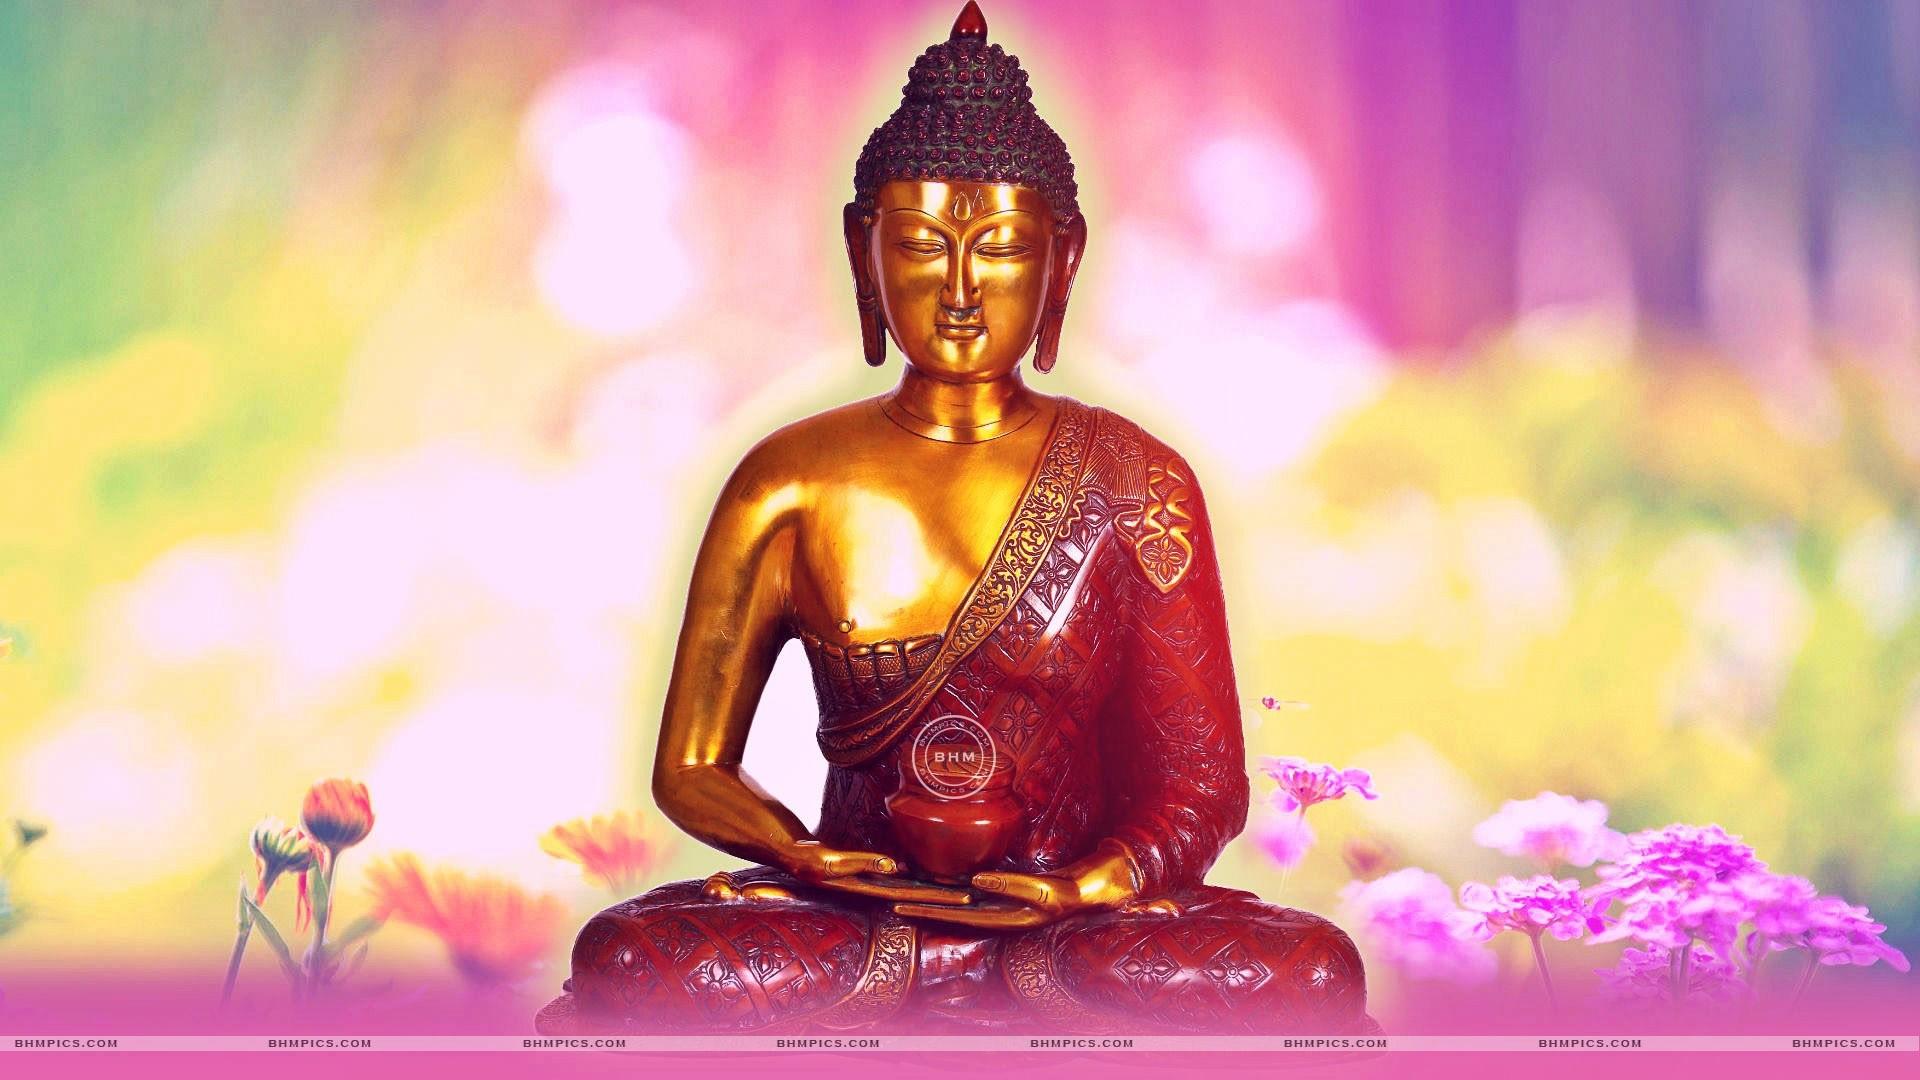 Buddha Sitting Statue